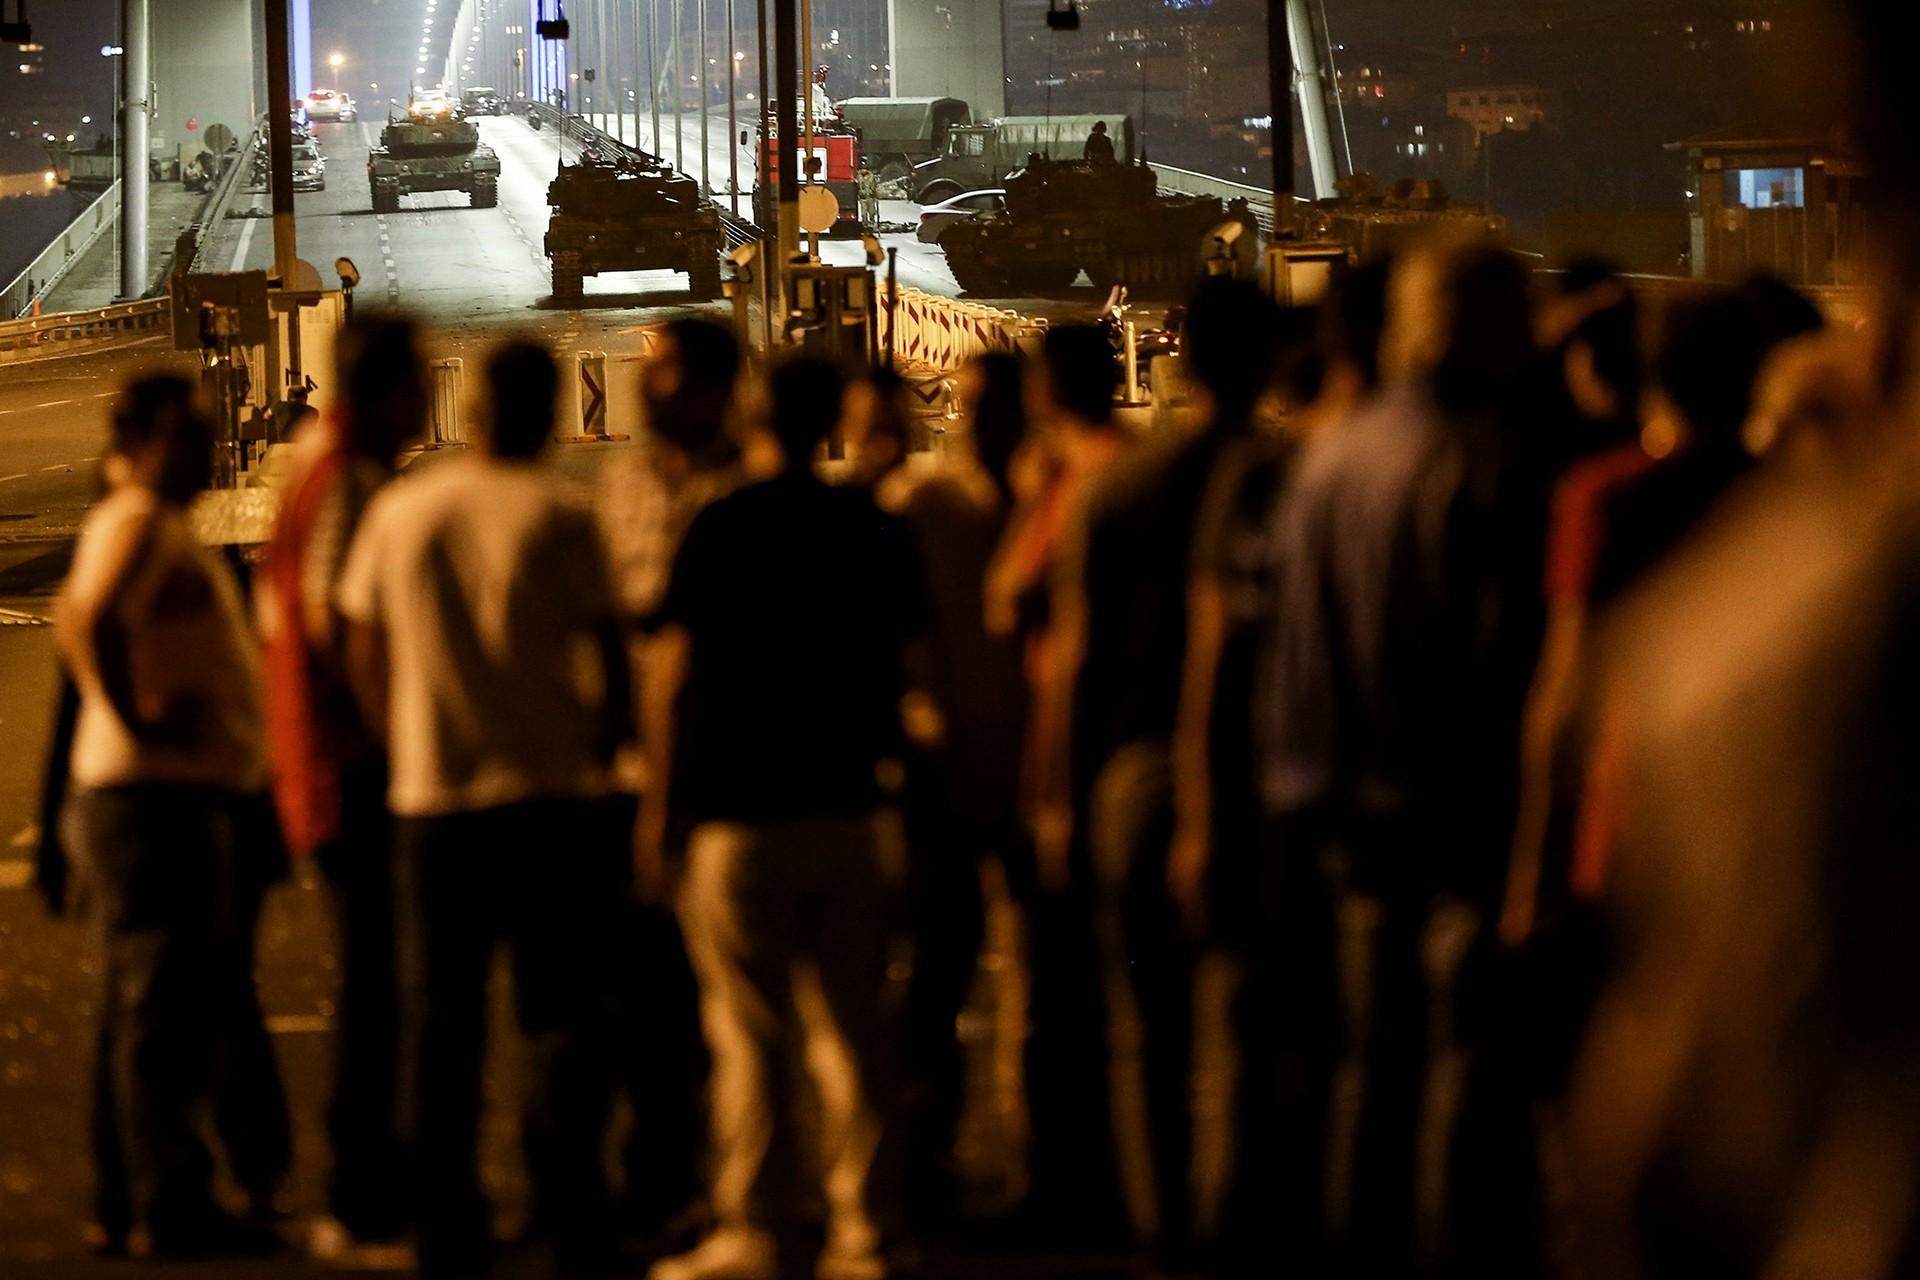 İzmir Barosu: Bu gerici kalkışmadan bu kişileri mevkilere getirenler de sorumlu